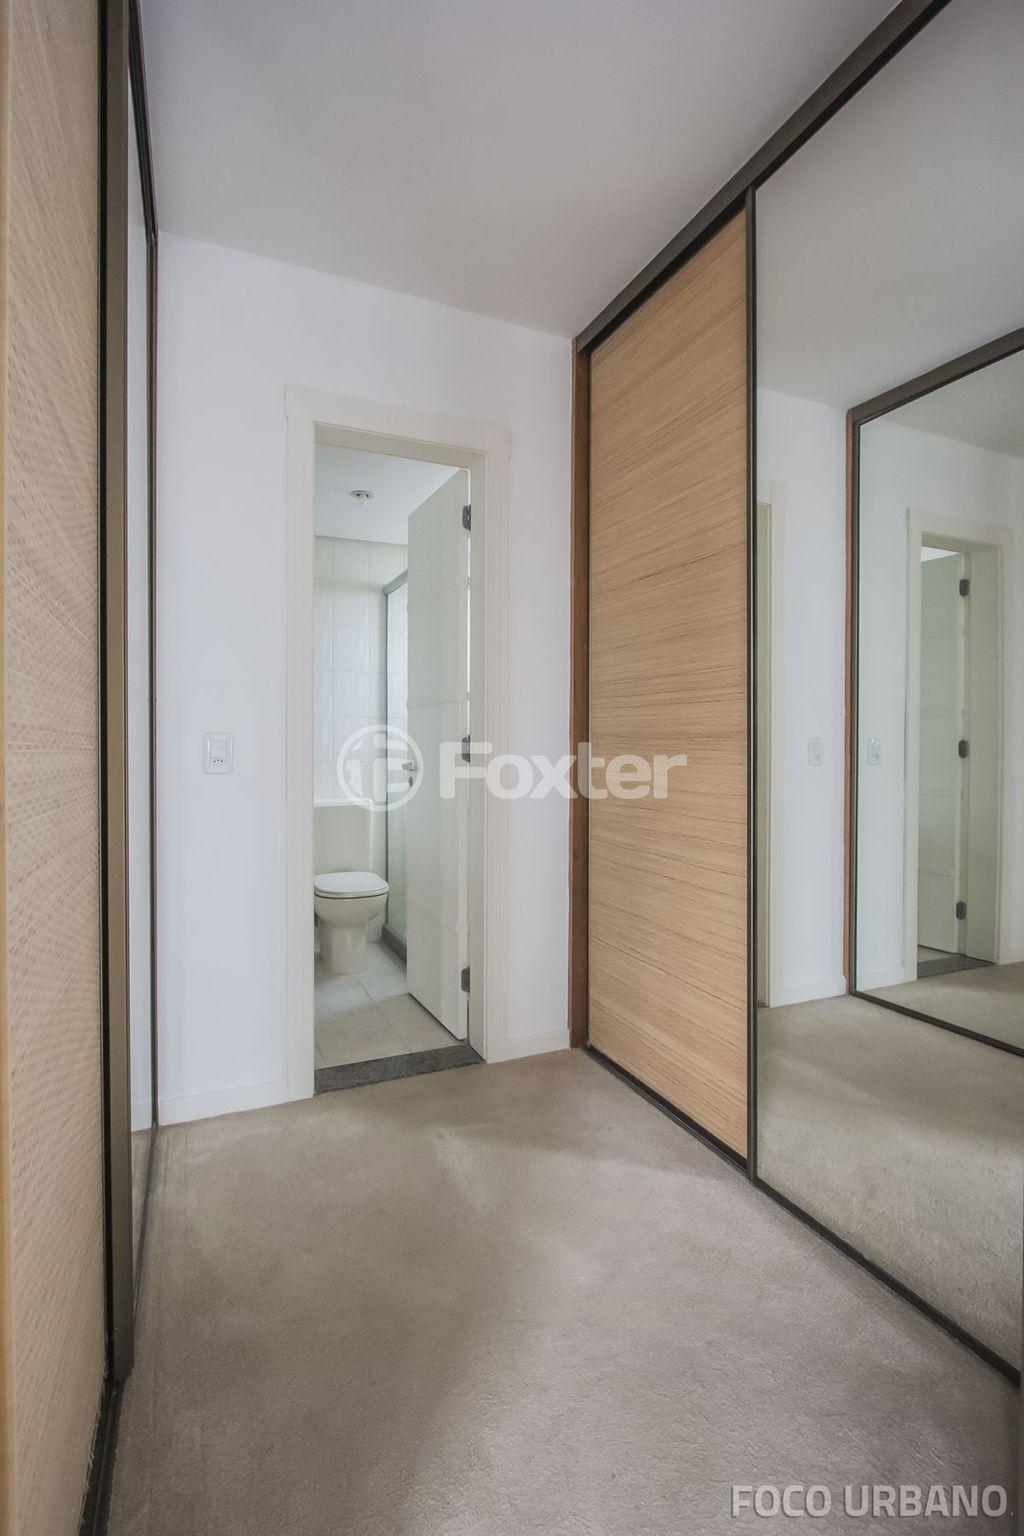 Foxter Imobiliária - Cobertura 3 Dorm (137146) - Foto 23